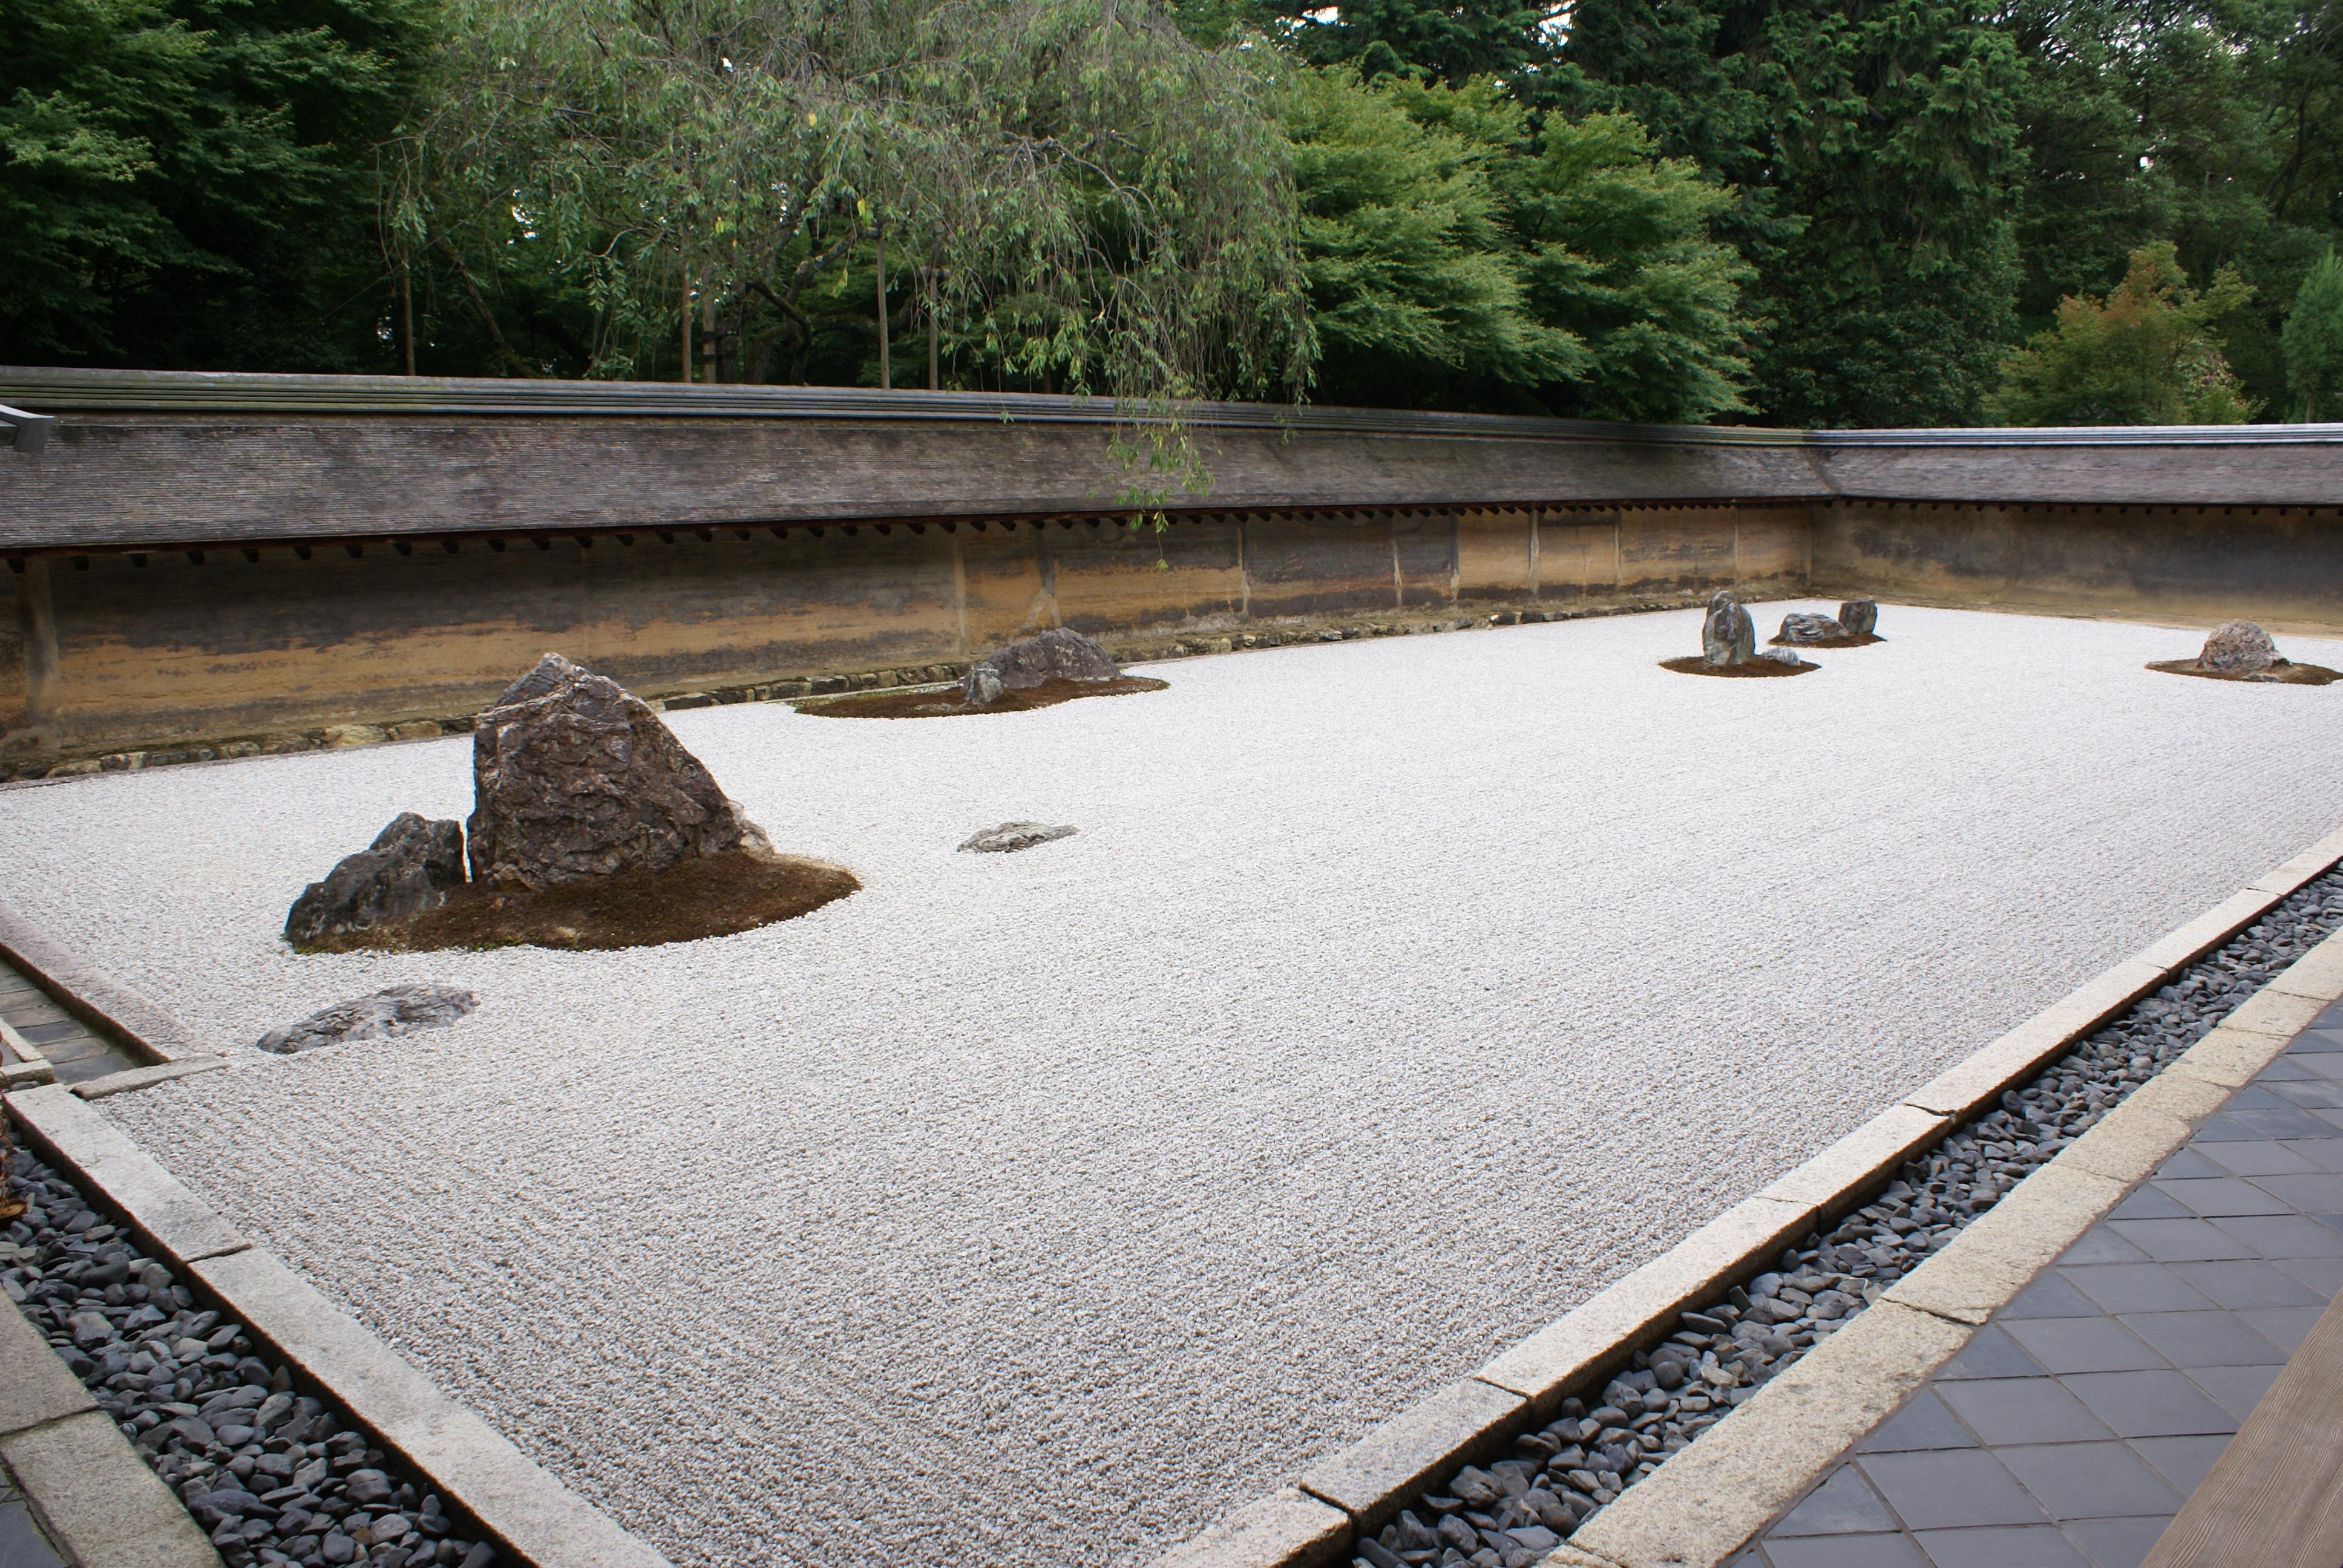 Ryokan-ji temple garden